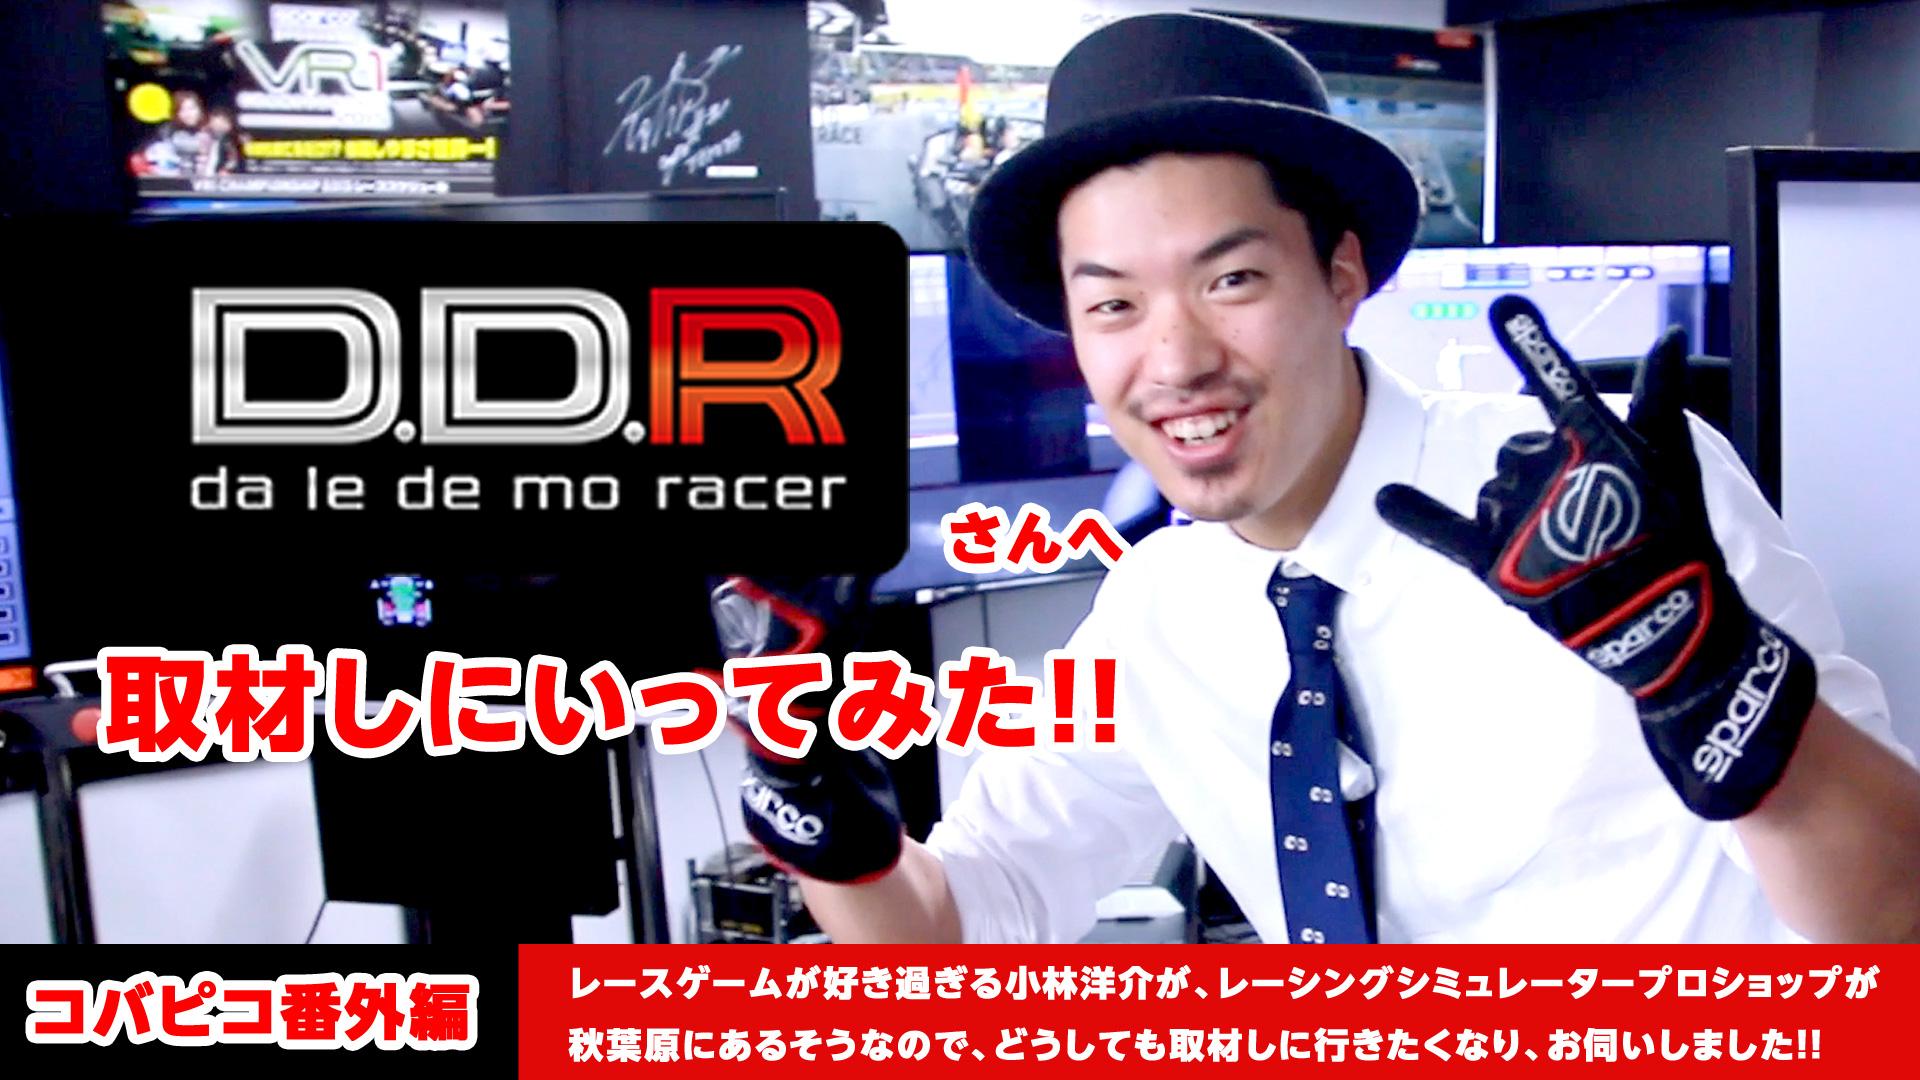 DDR取材thumb